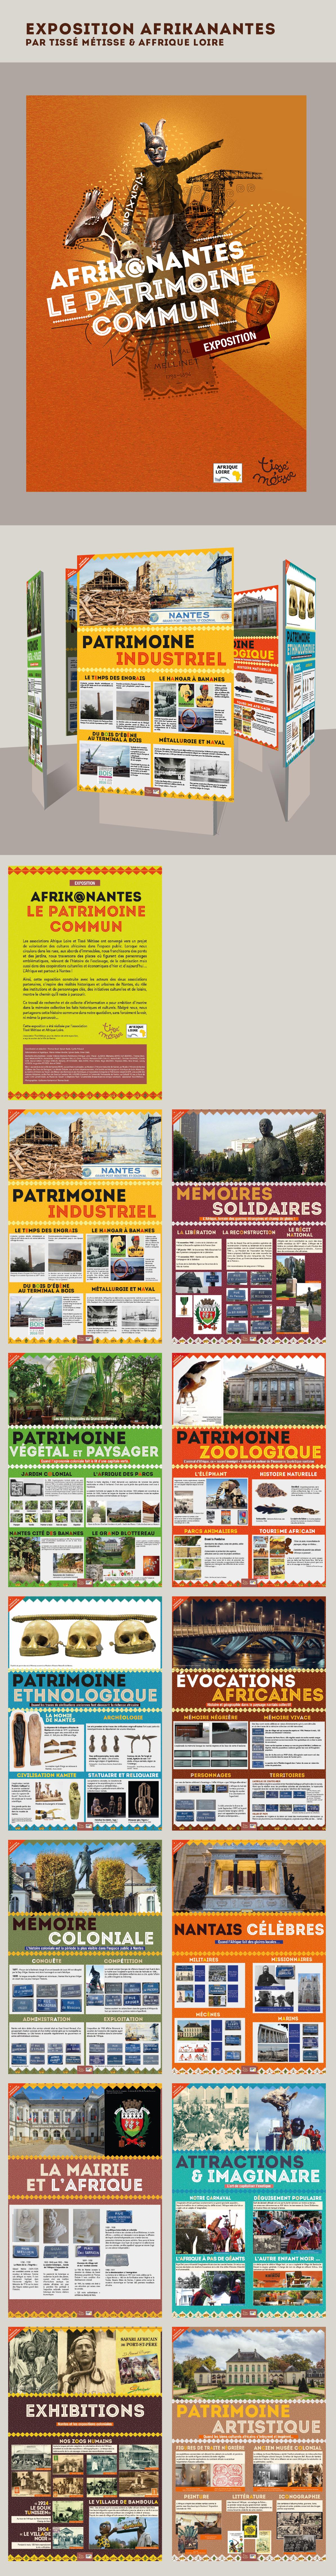 EXPO_AFRICANANTES copie